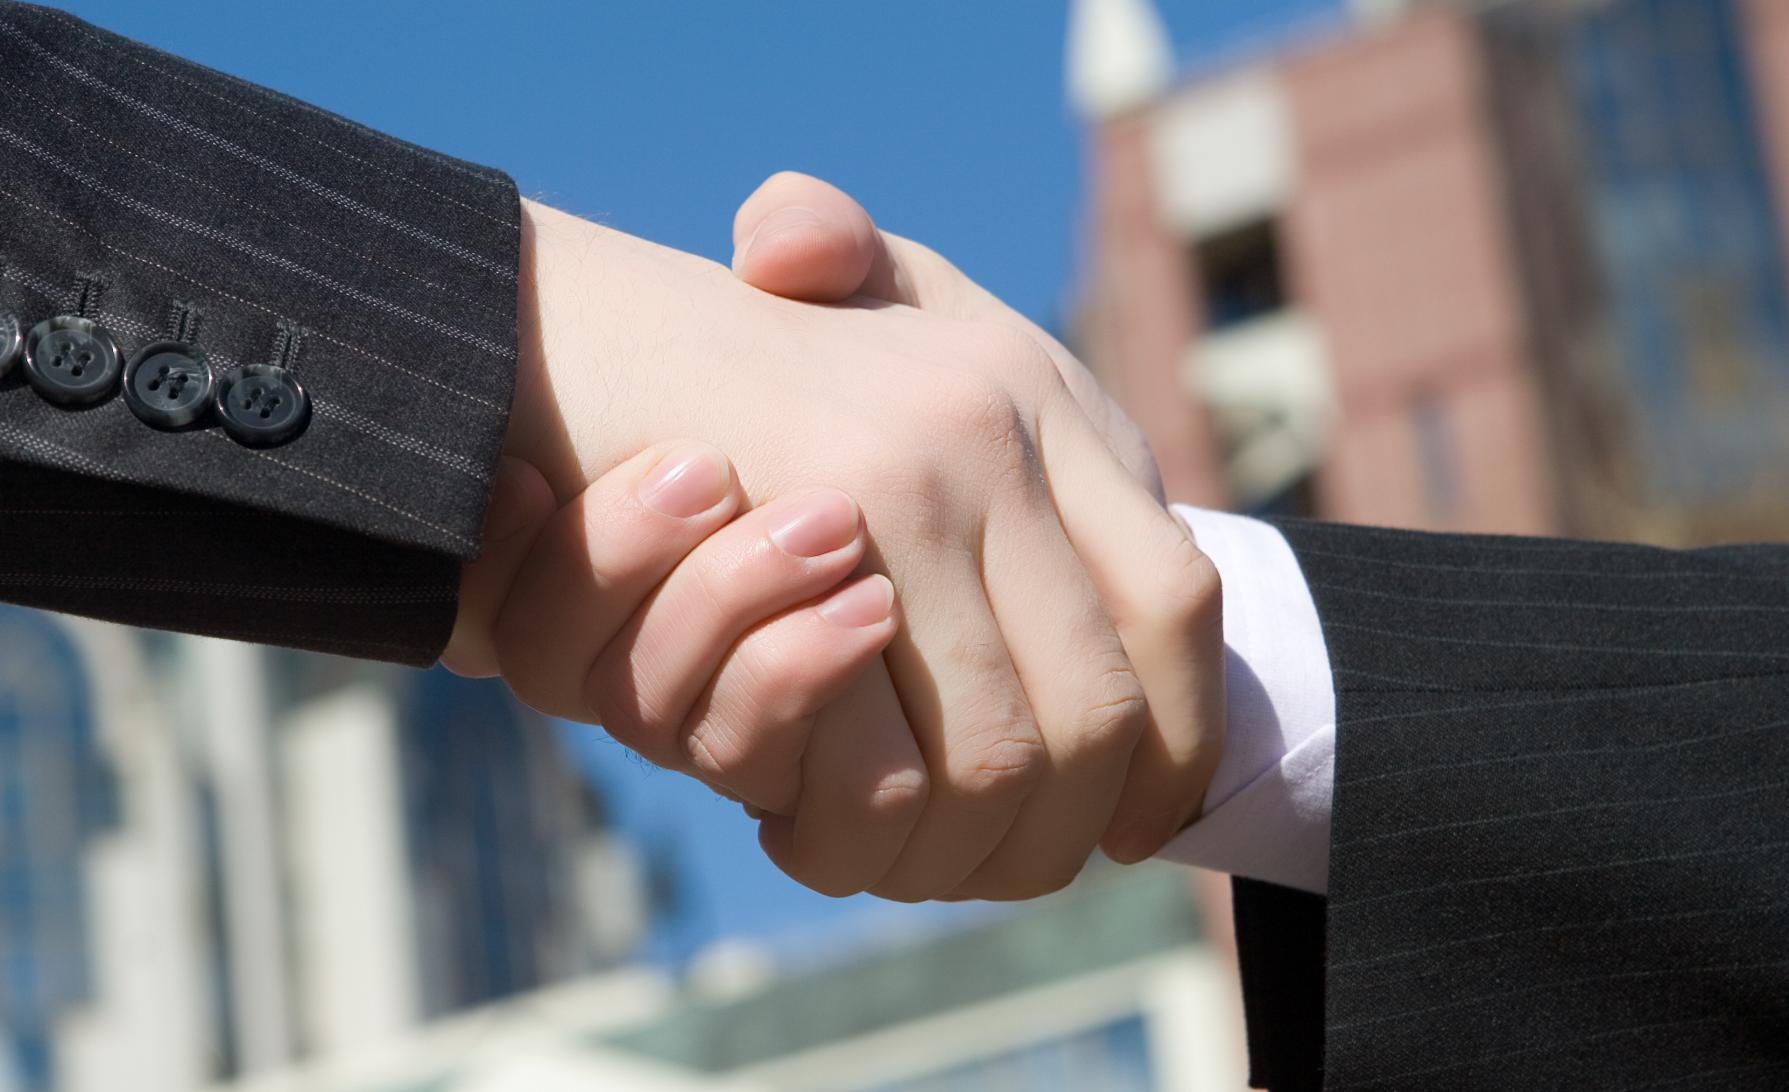 shake hand image